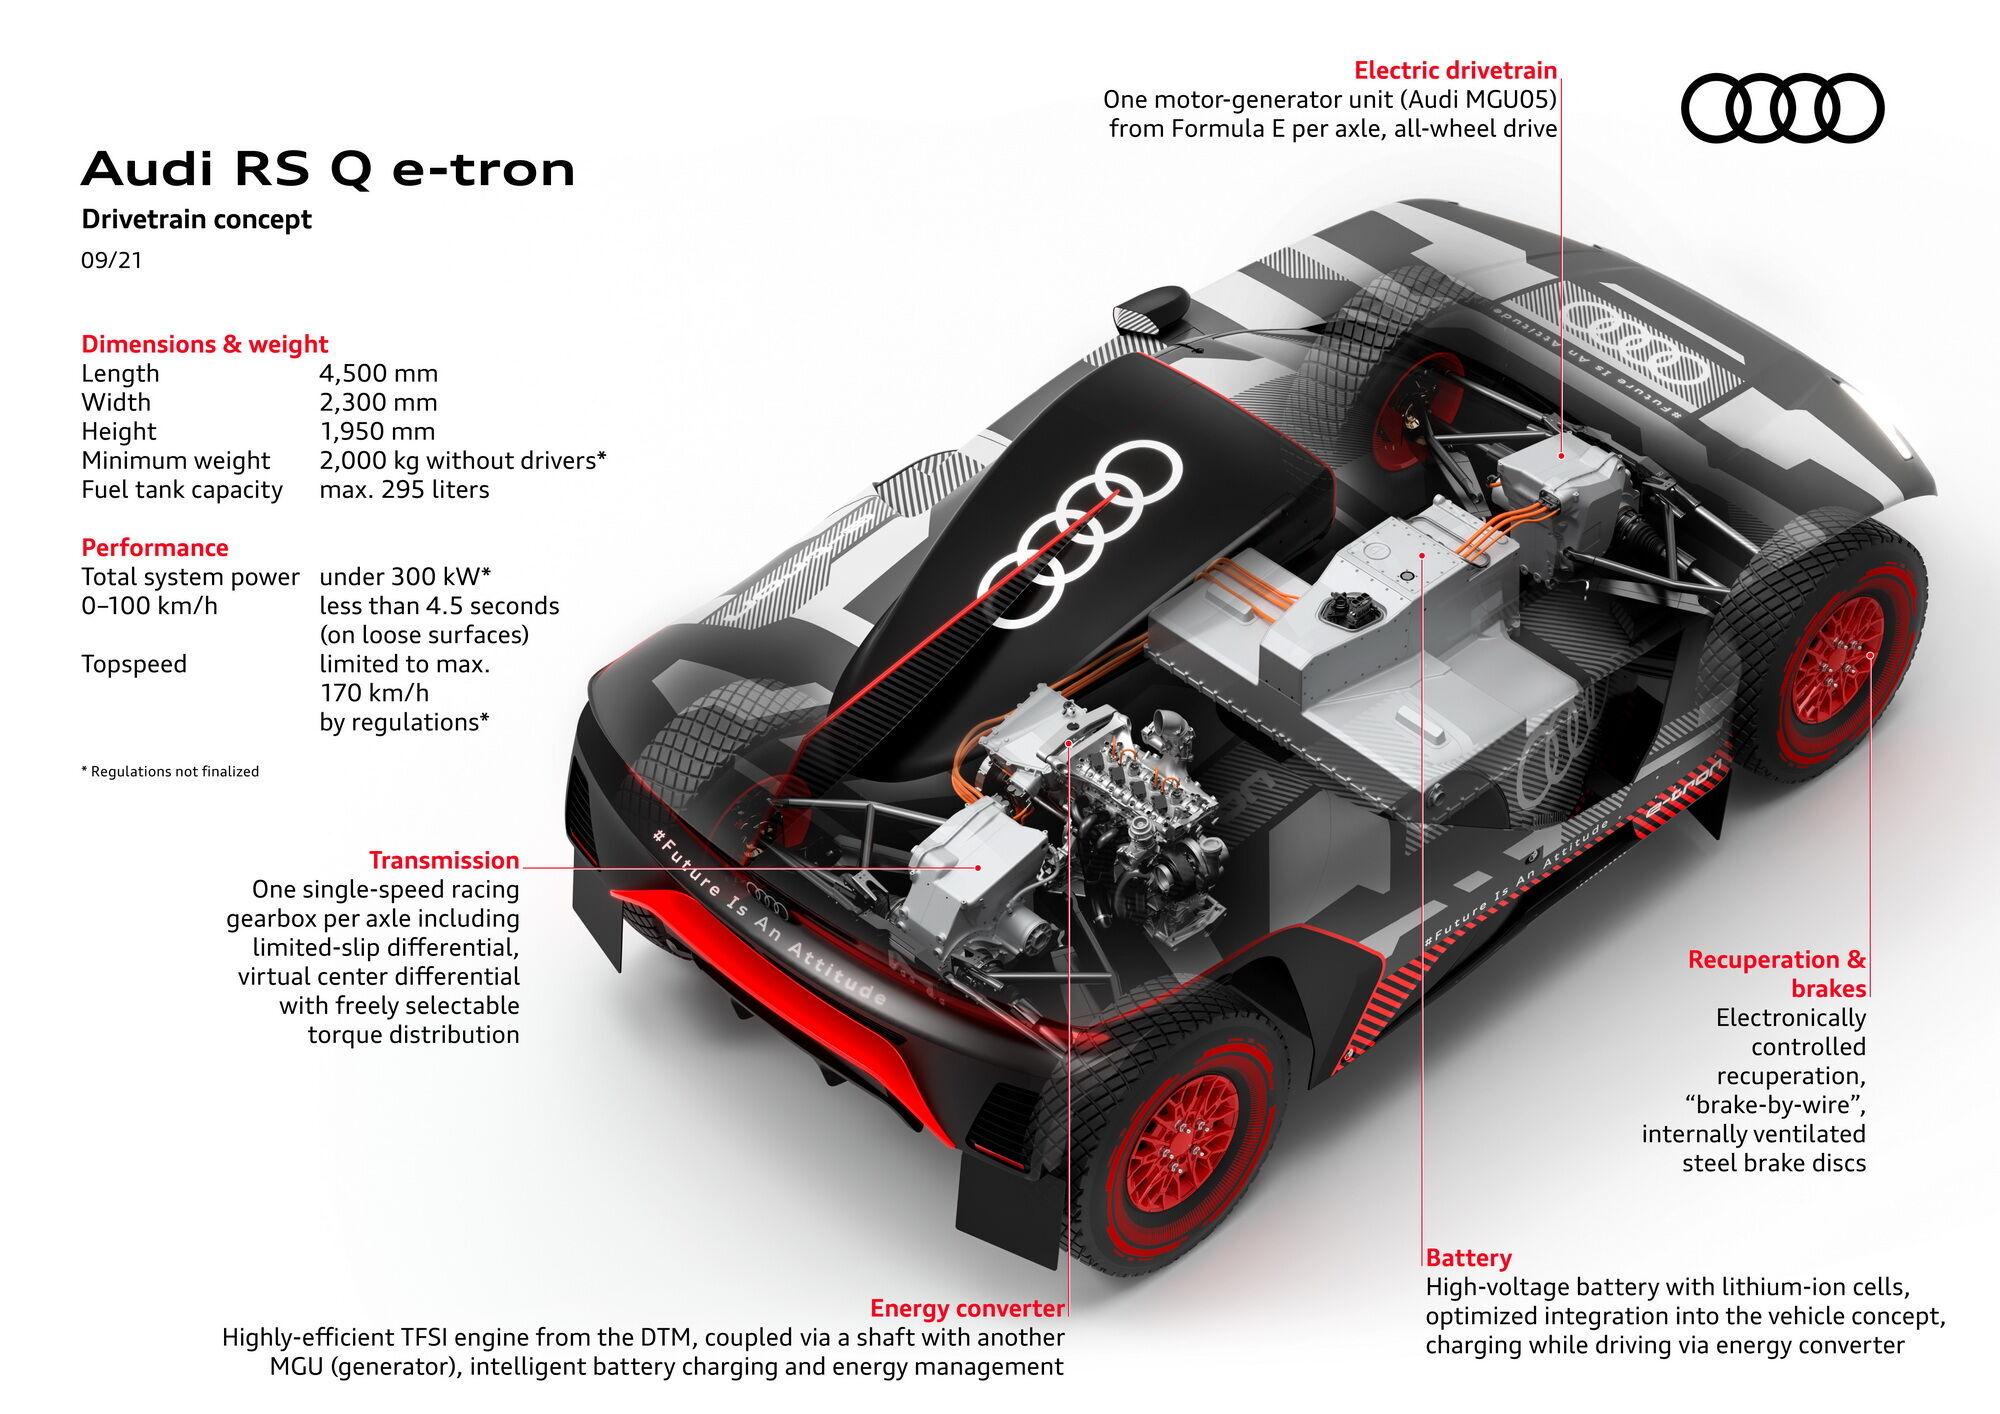 Audi RS Q e-tron оснащен инновационной гибридной силовой установкой